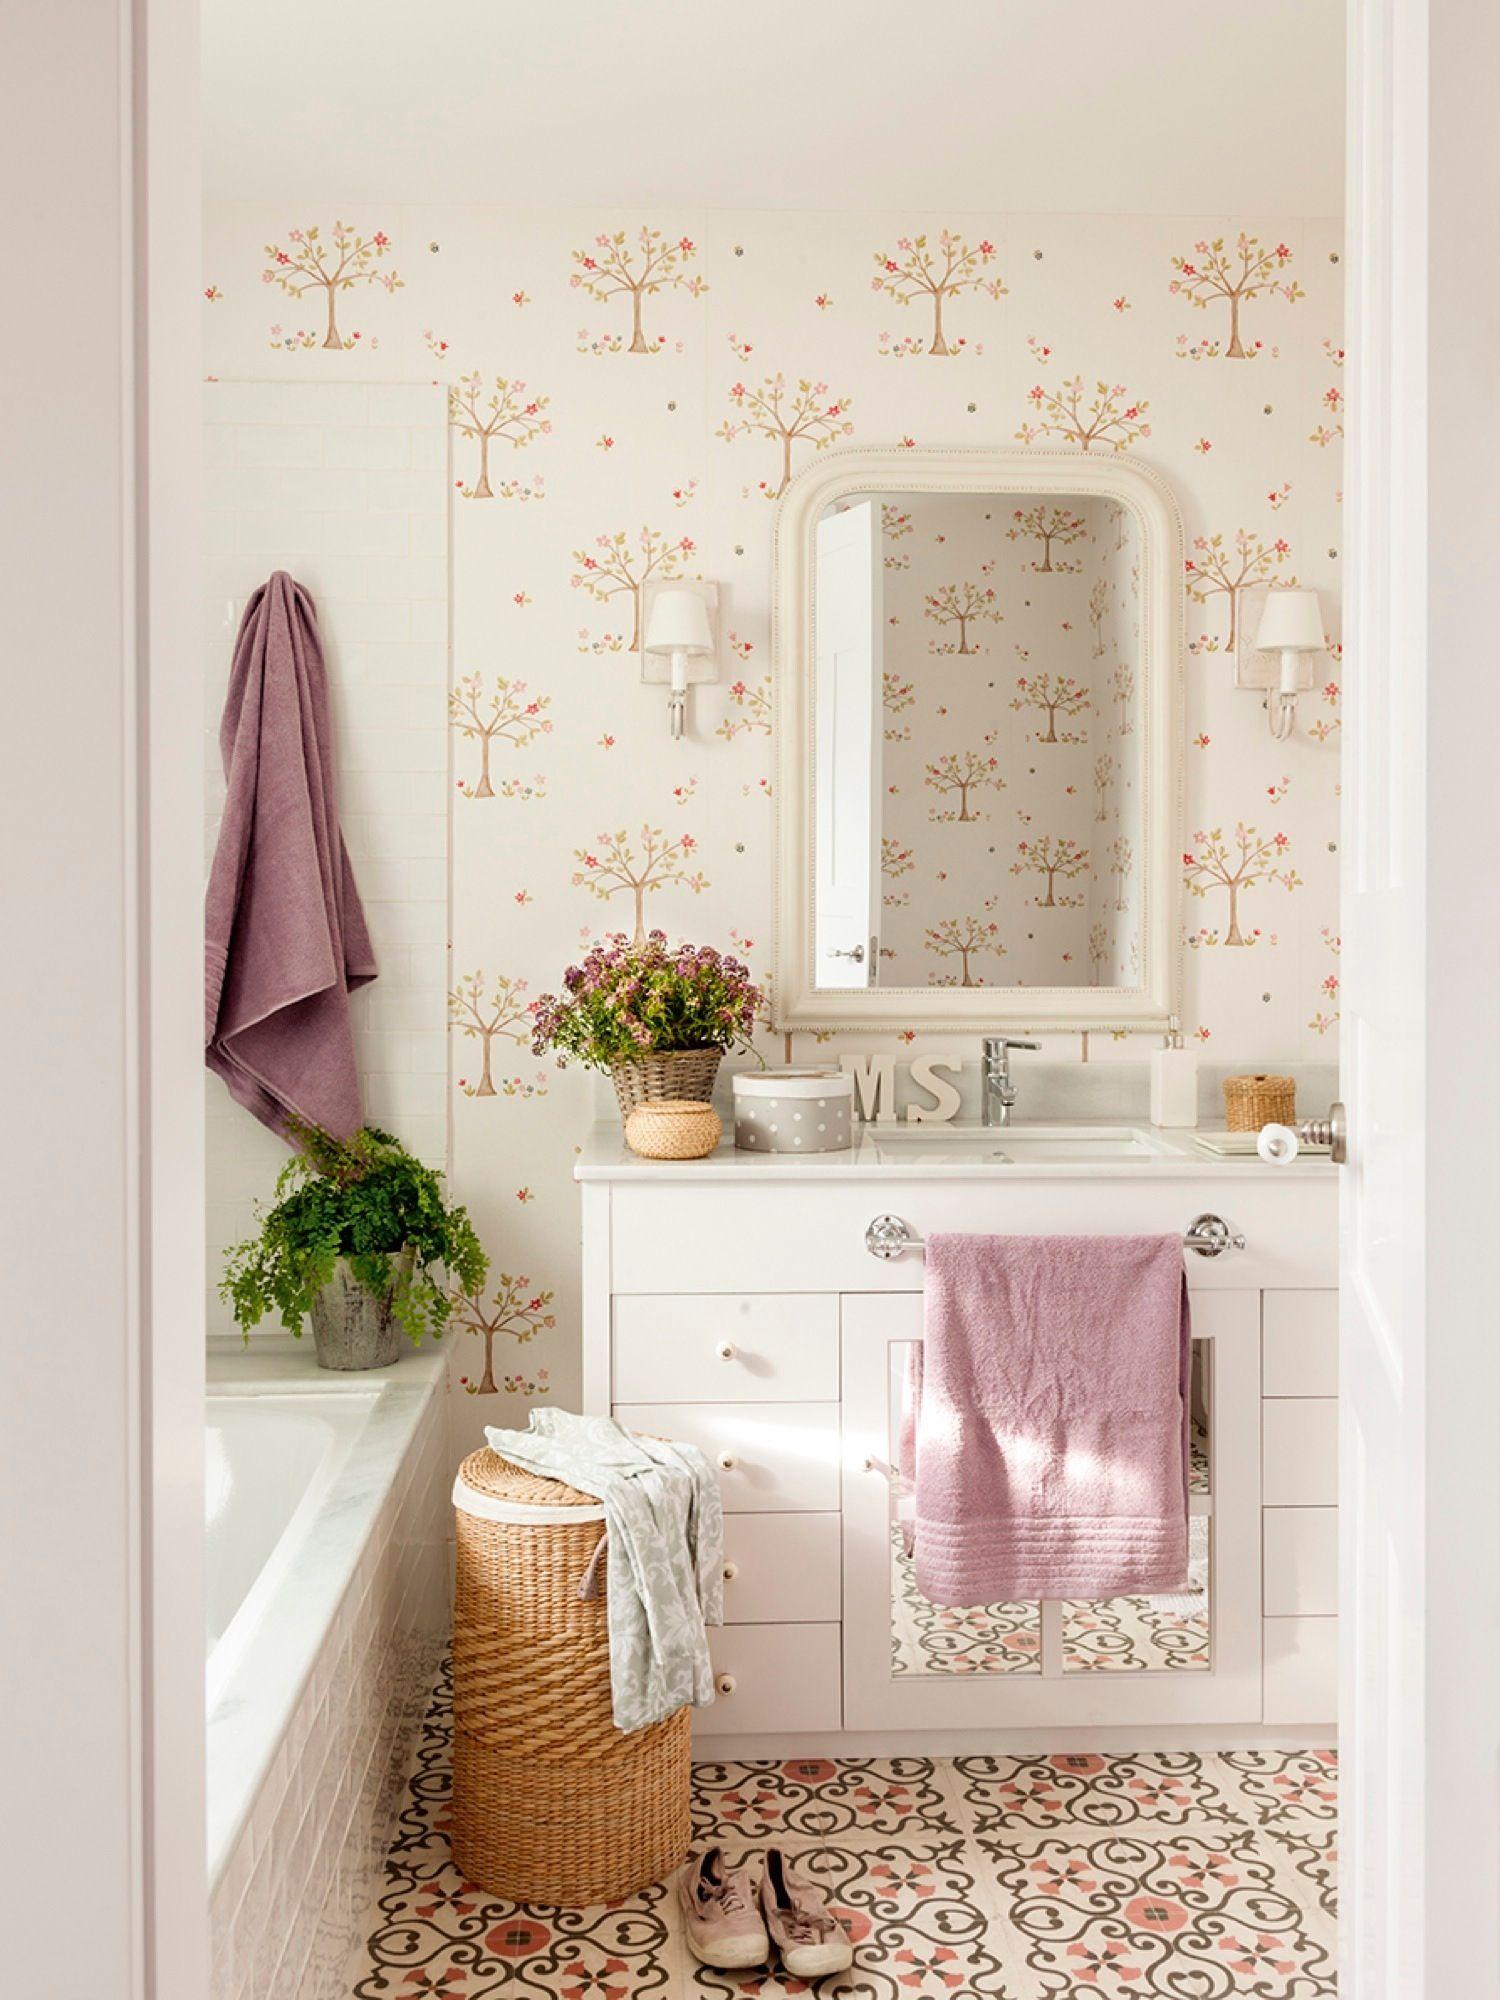 Decora tu casa con papel pintado papel pintado - Decorar papel pintado ...